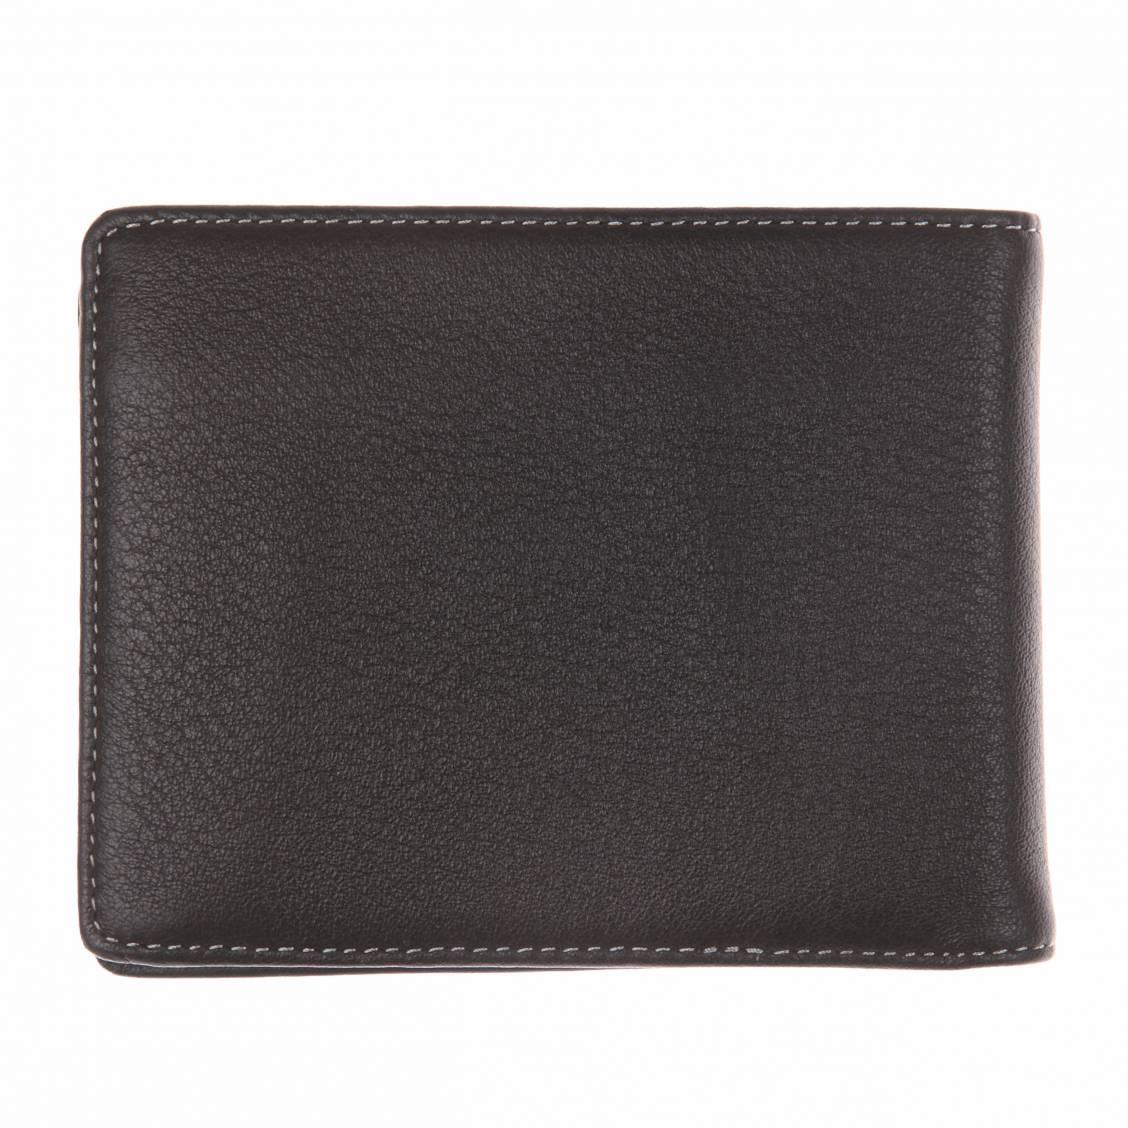 Portefeuille italien L'aiglon en cuir foulonné noir et surpiqûres blanches fpdbEyr6PE